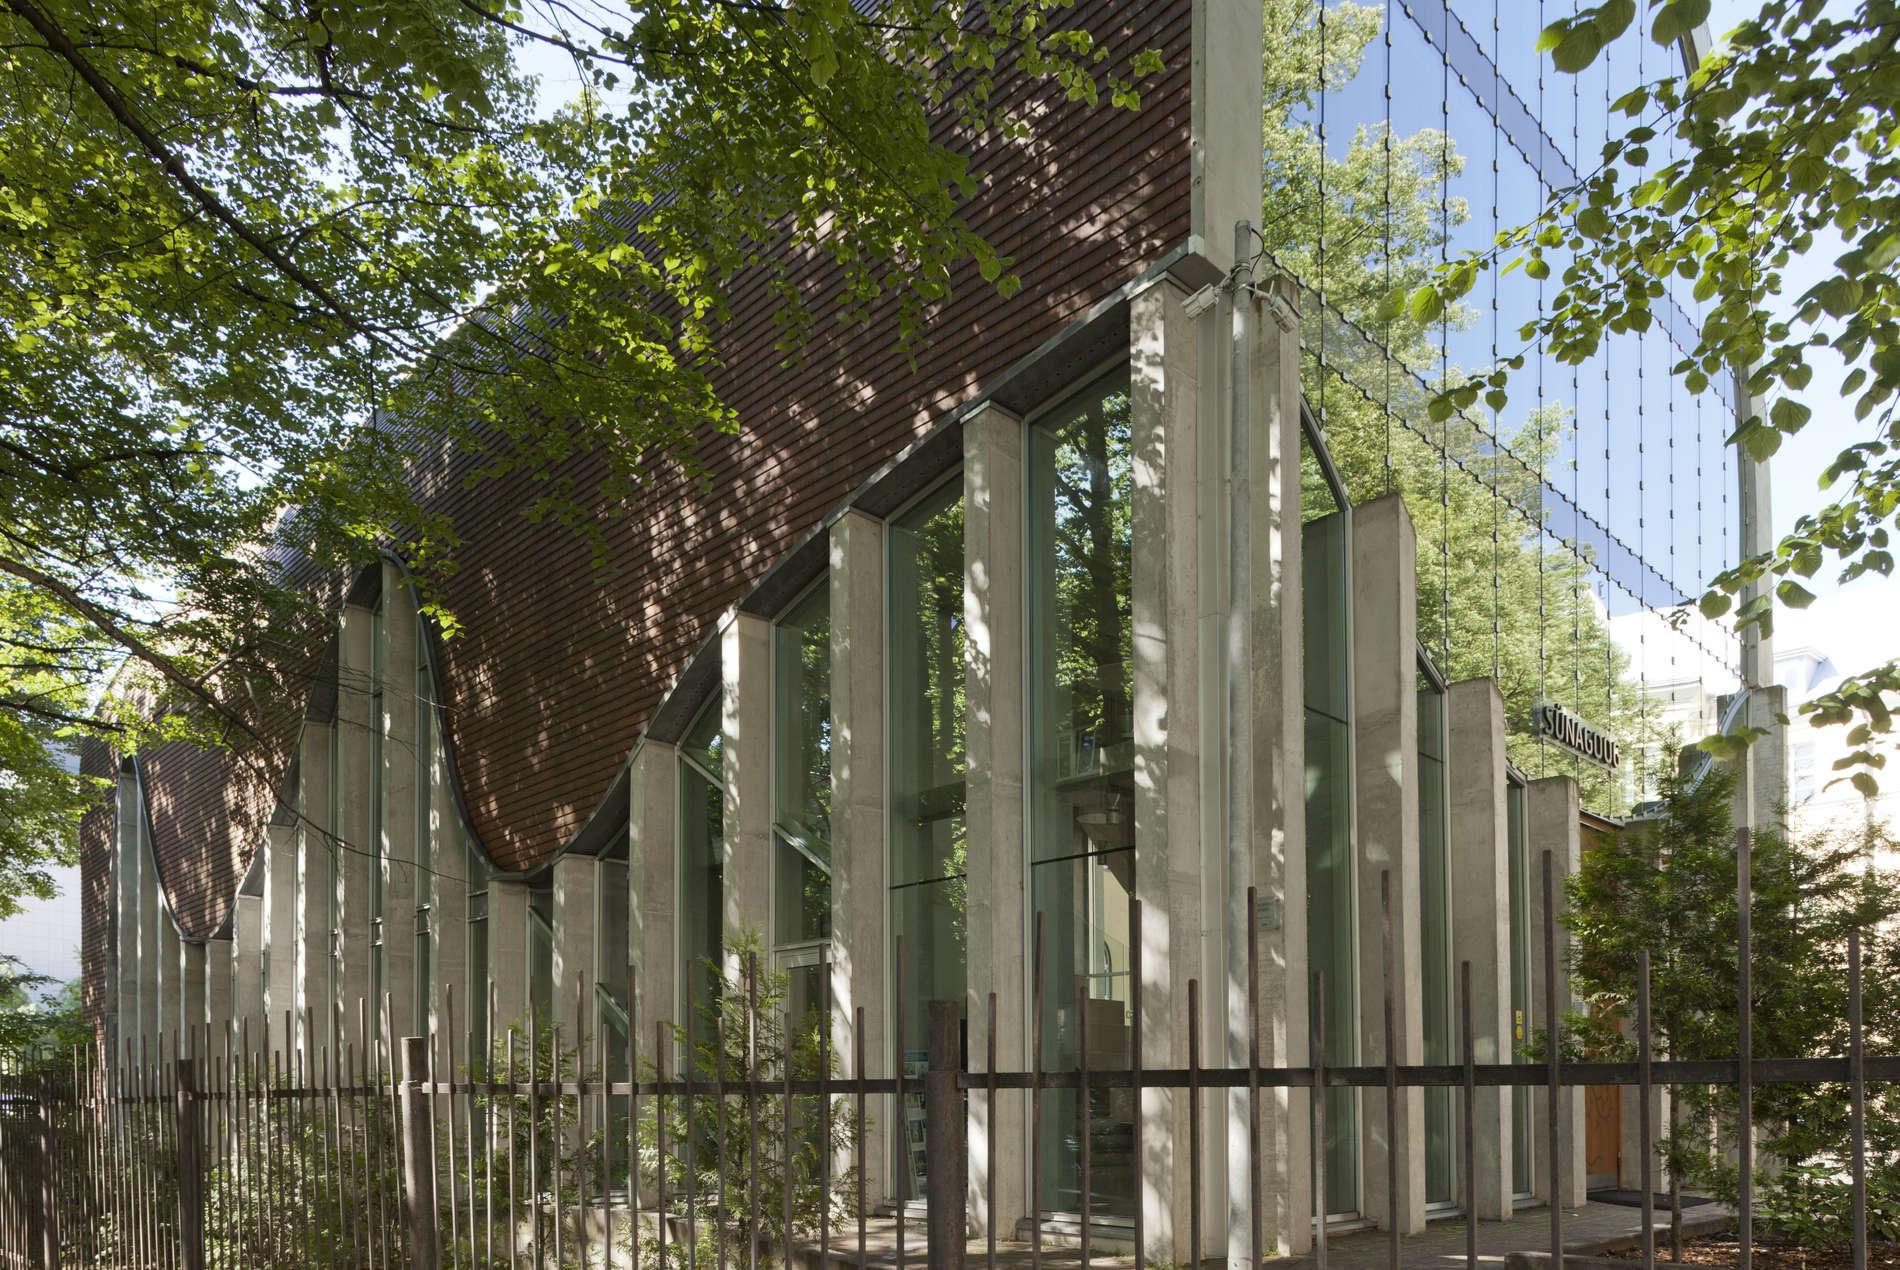 The Tallinn Synagogue